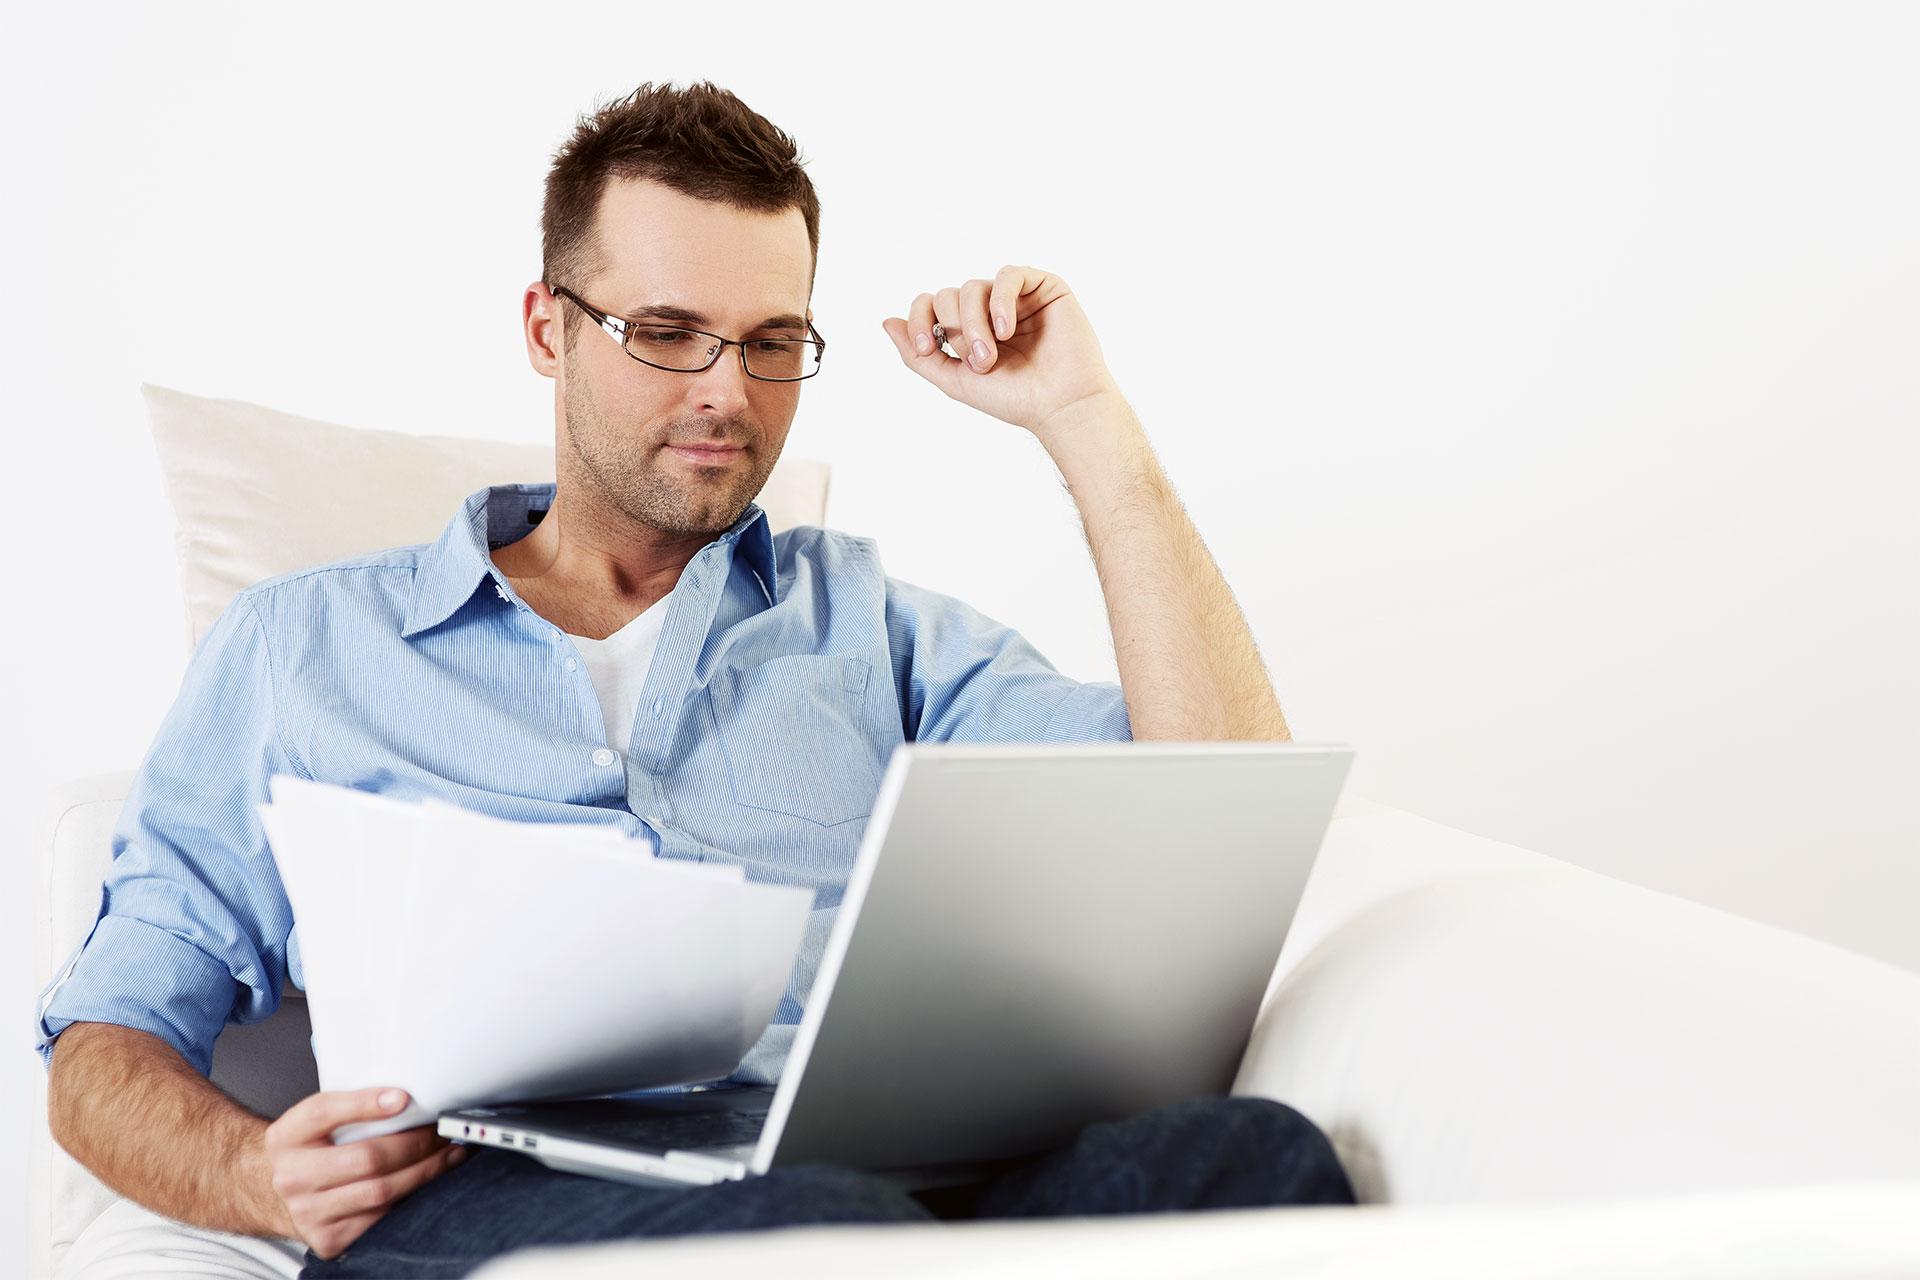 Le-logiciel-de-dématérialisation-de-facture-un-outil-indispensable-pour-votre-entreprise